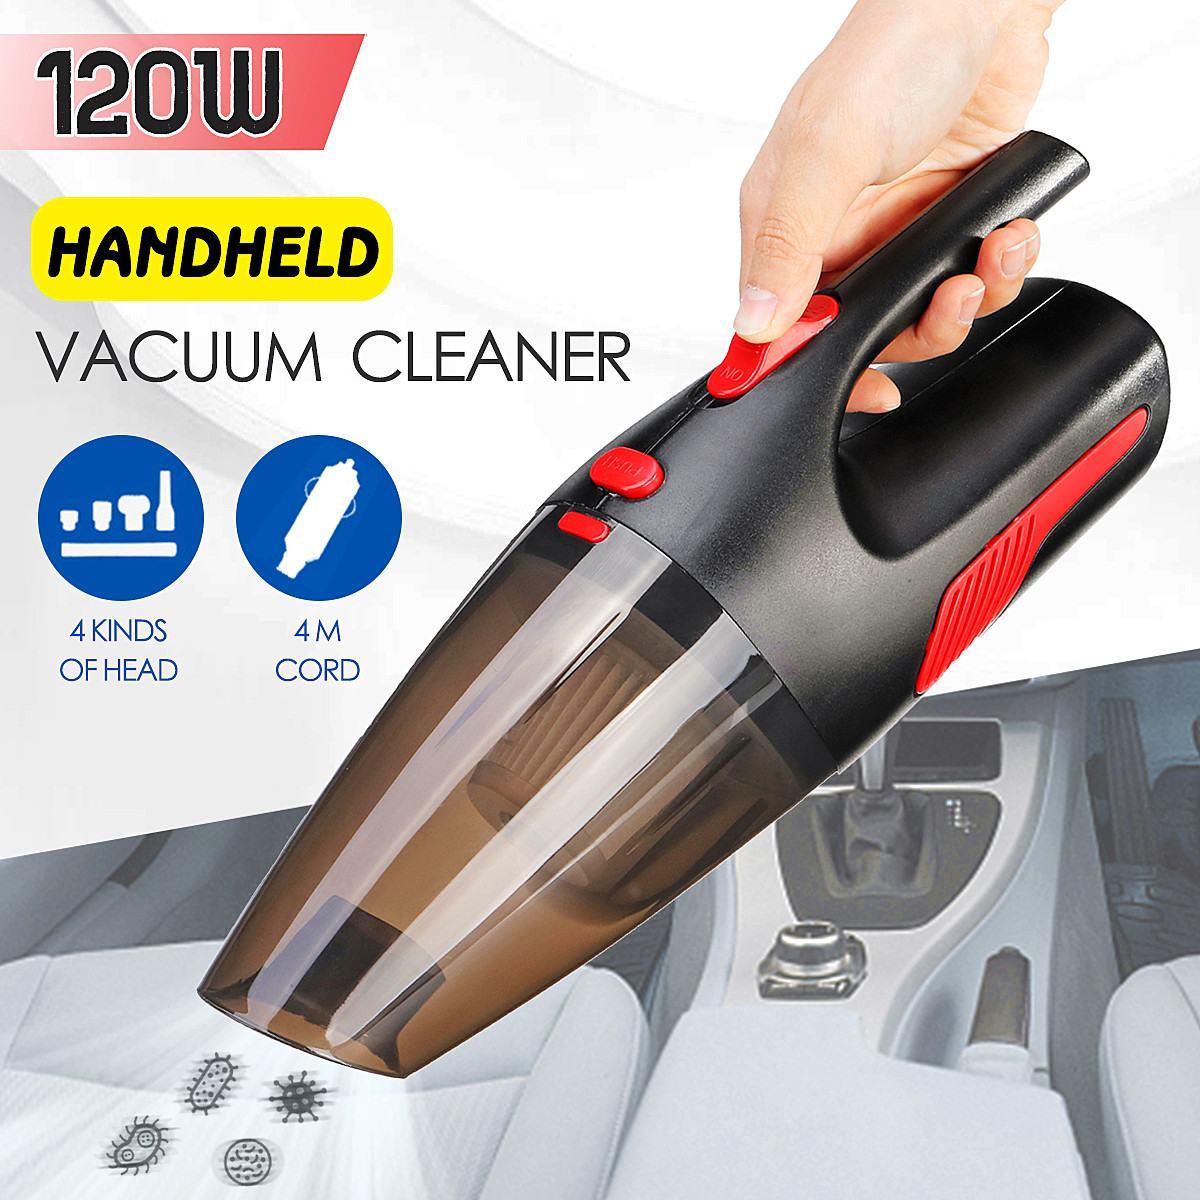 Portátil 4m cabo comprimento handheld carro aspirador de pó molhado/seco aspirador para casa carro 120 w 12 v 5000 pa